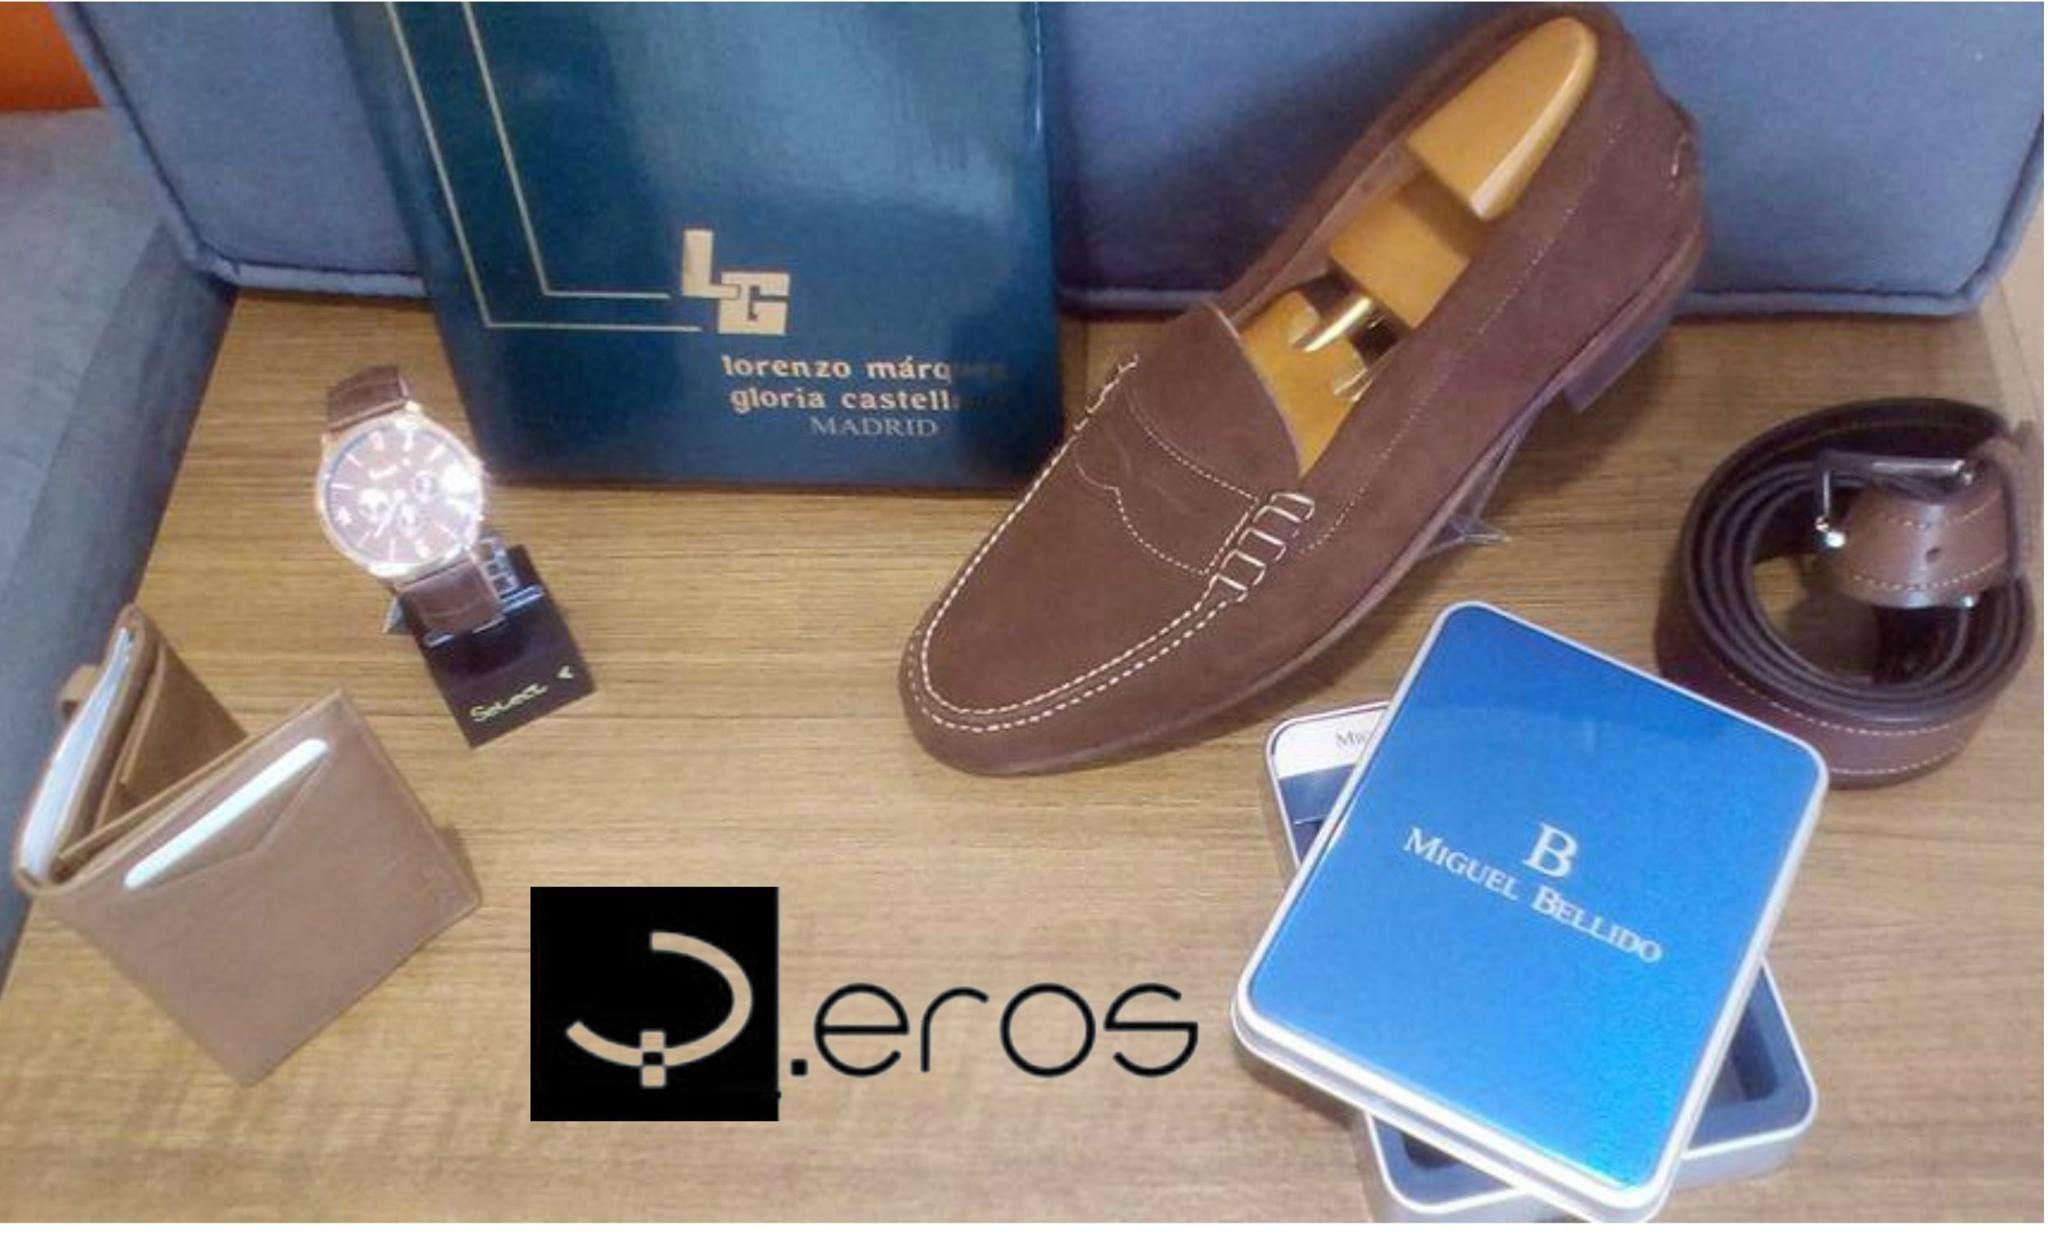 Accesorios y complementos para caballero: Productos de Q-eros